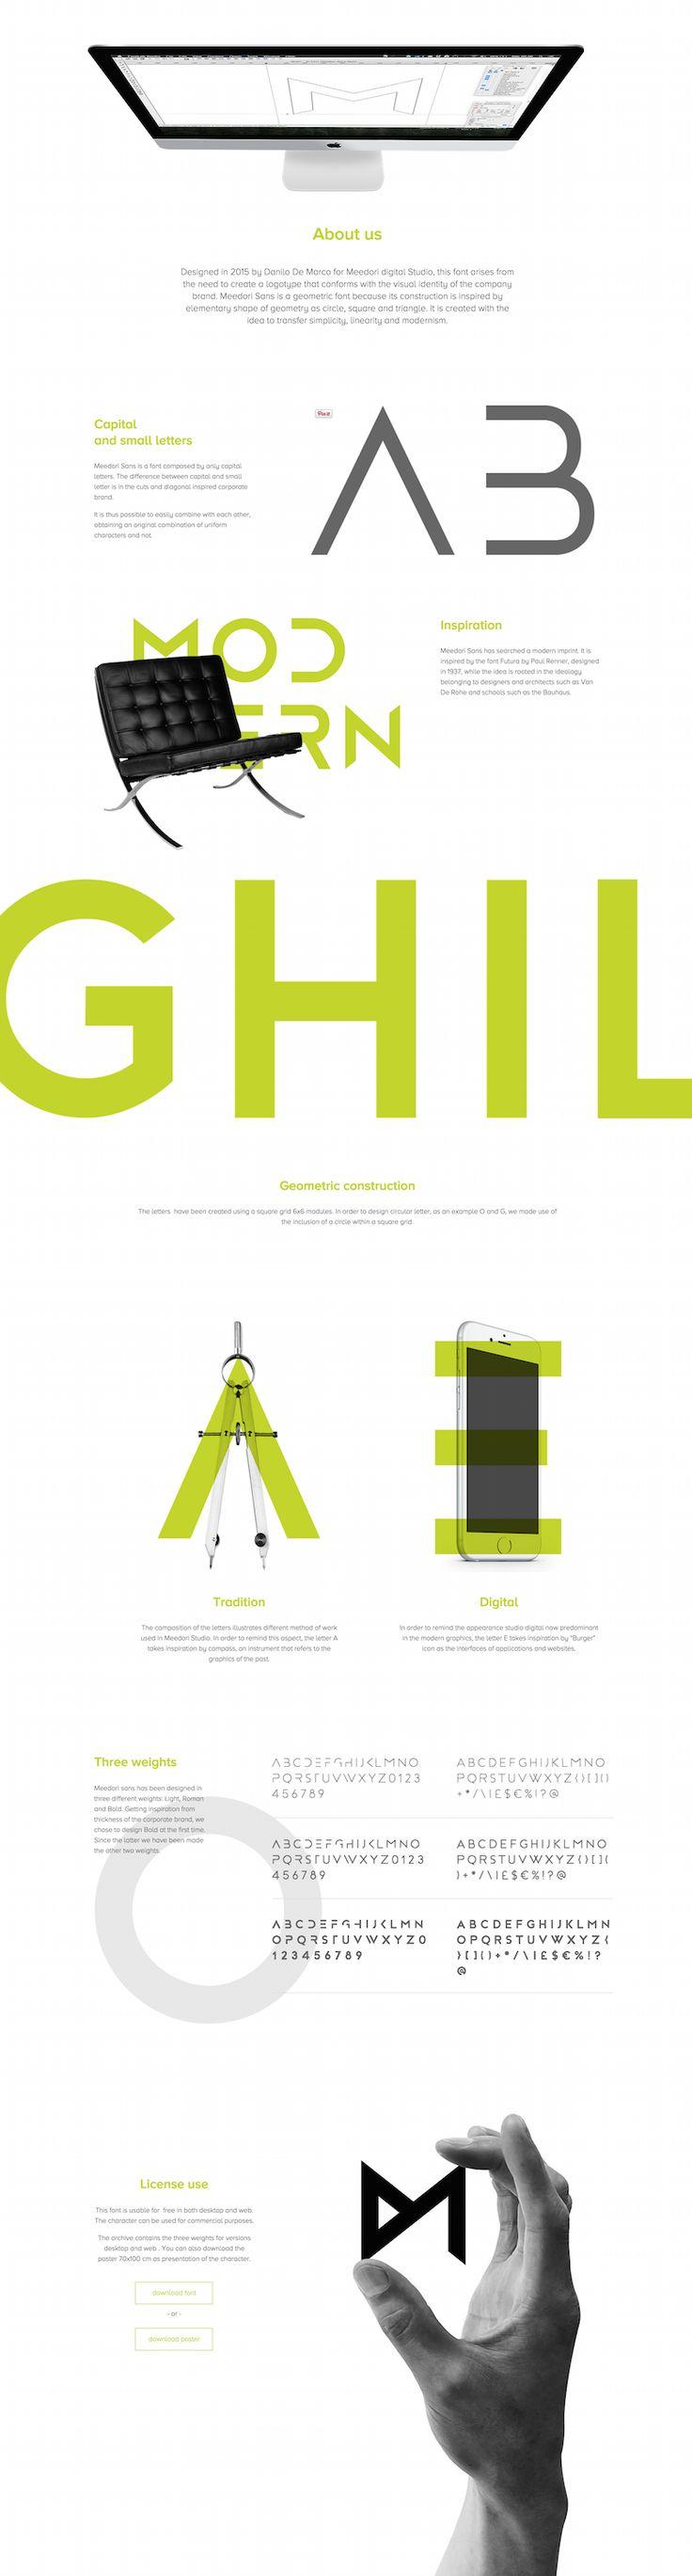 [무료] 모더니즘 개성 돋는 독특한 브랜드 디자인 폰트 Meedori Sans :: 디자인 로그(DESIGN LOG)